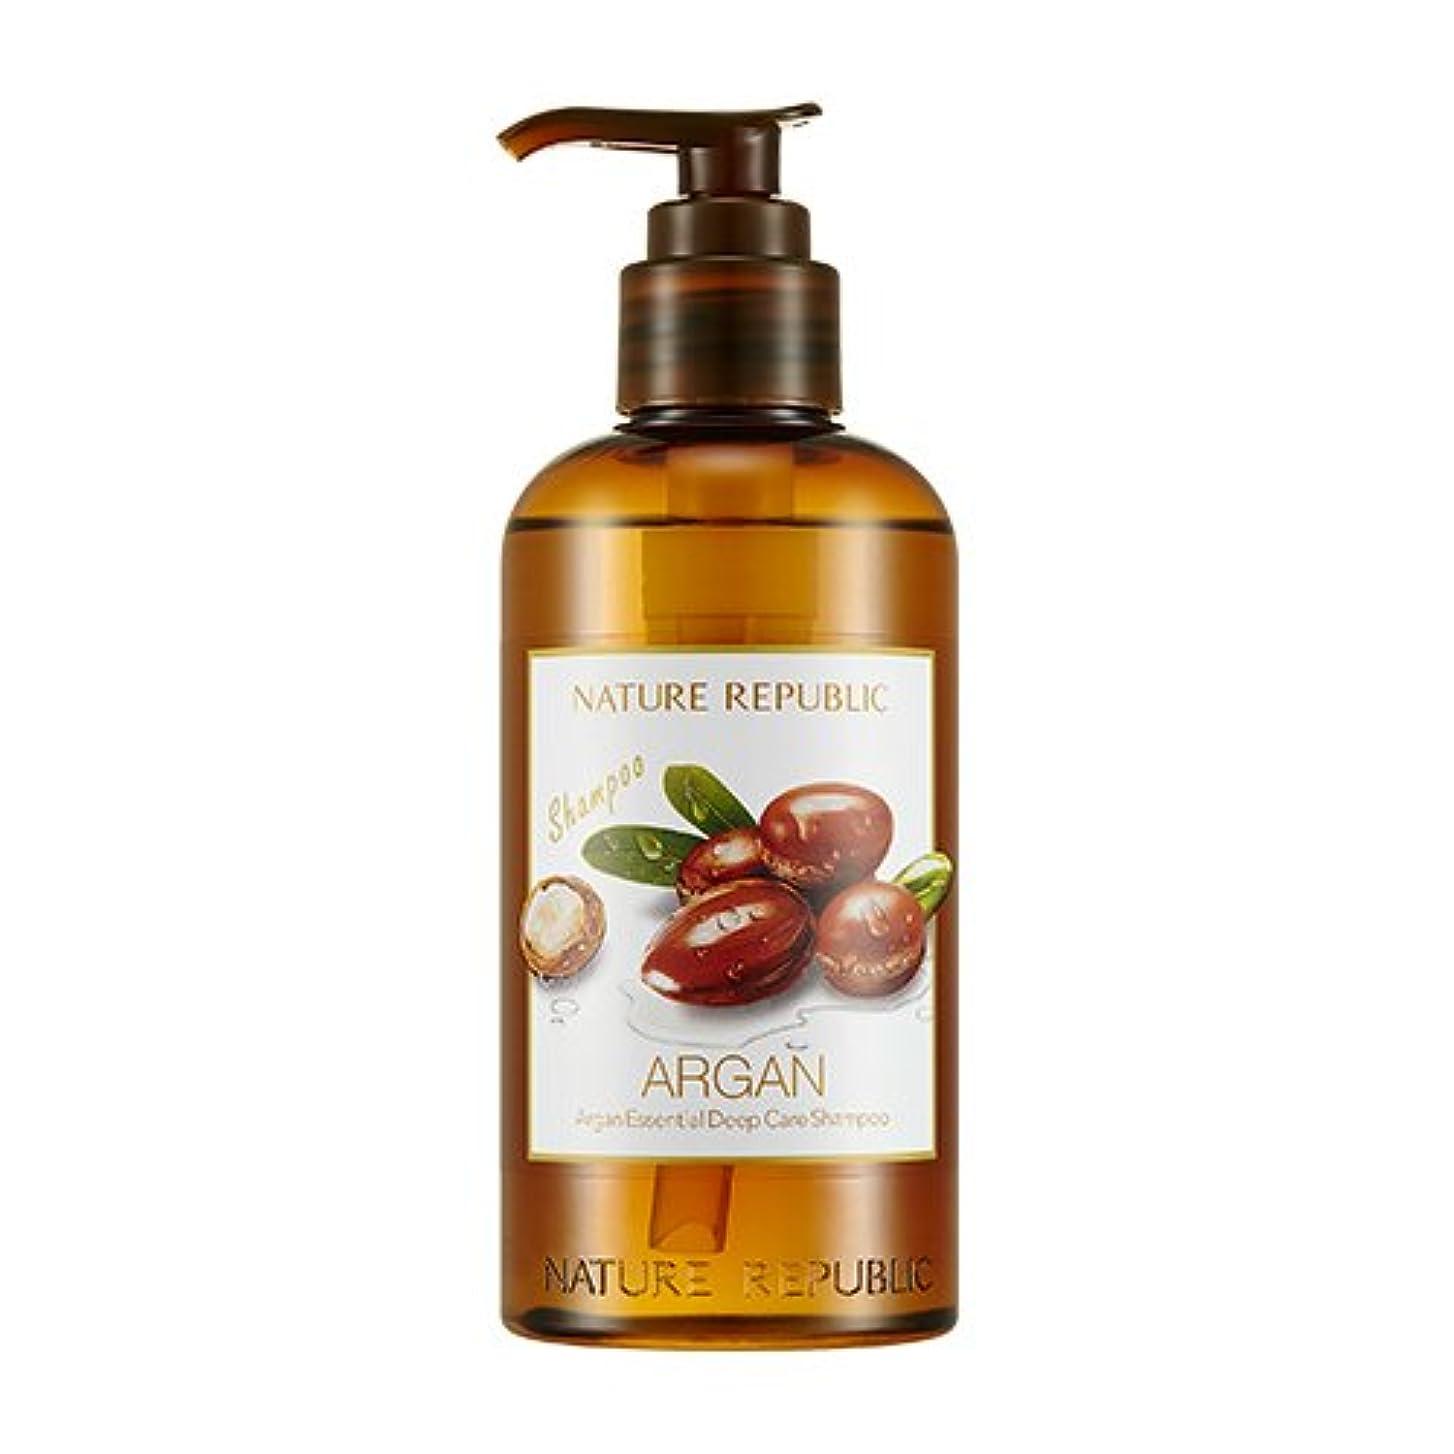 座標部屋を掃除する猛烈な[ Renewal ]ネイチャーリパブリック NATURE REPUBLIC アルガン エッセンシャル ディープ ケア シャンプー Argan Essential Deep Care Shampoo 300ml [並行輸入品]